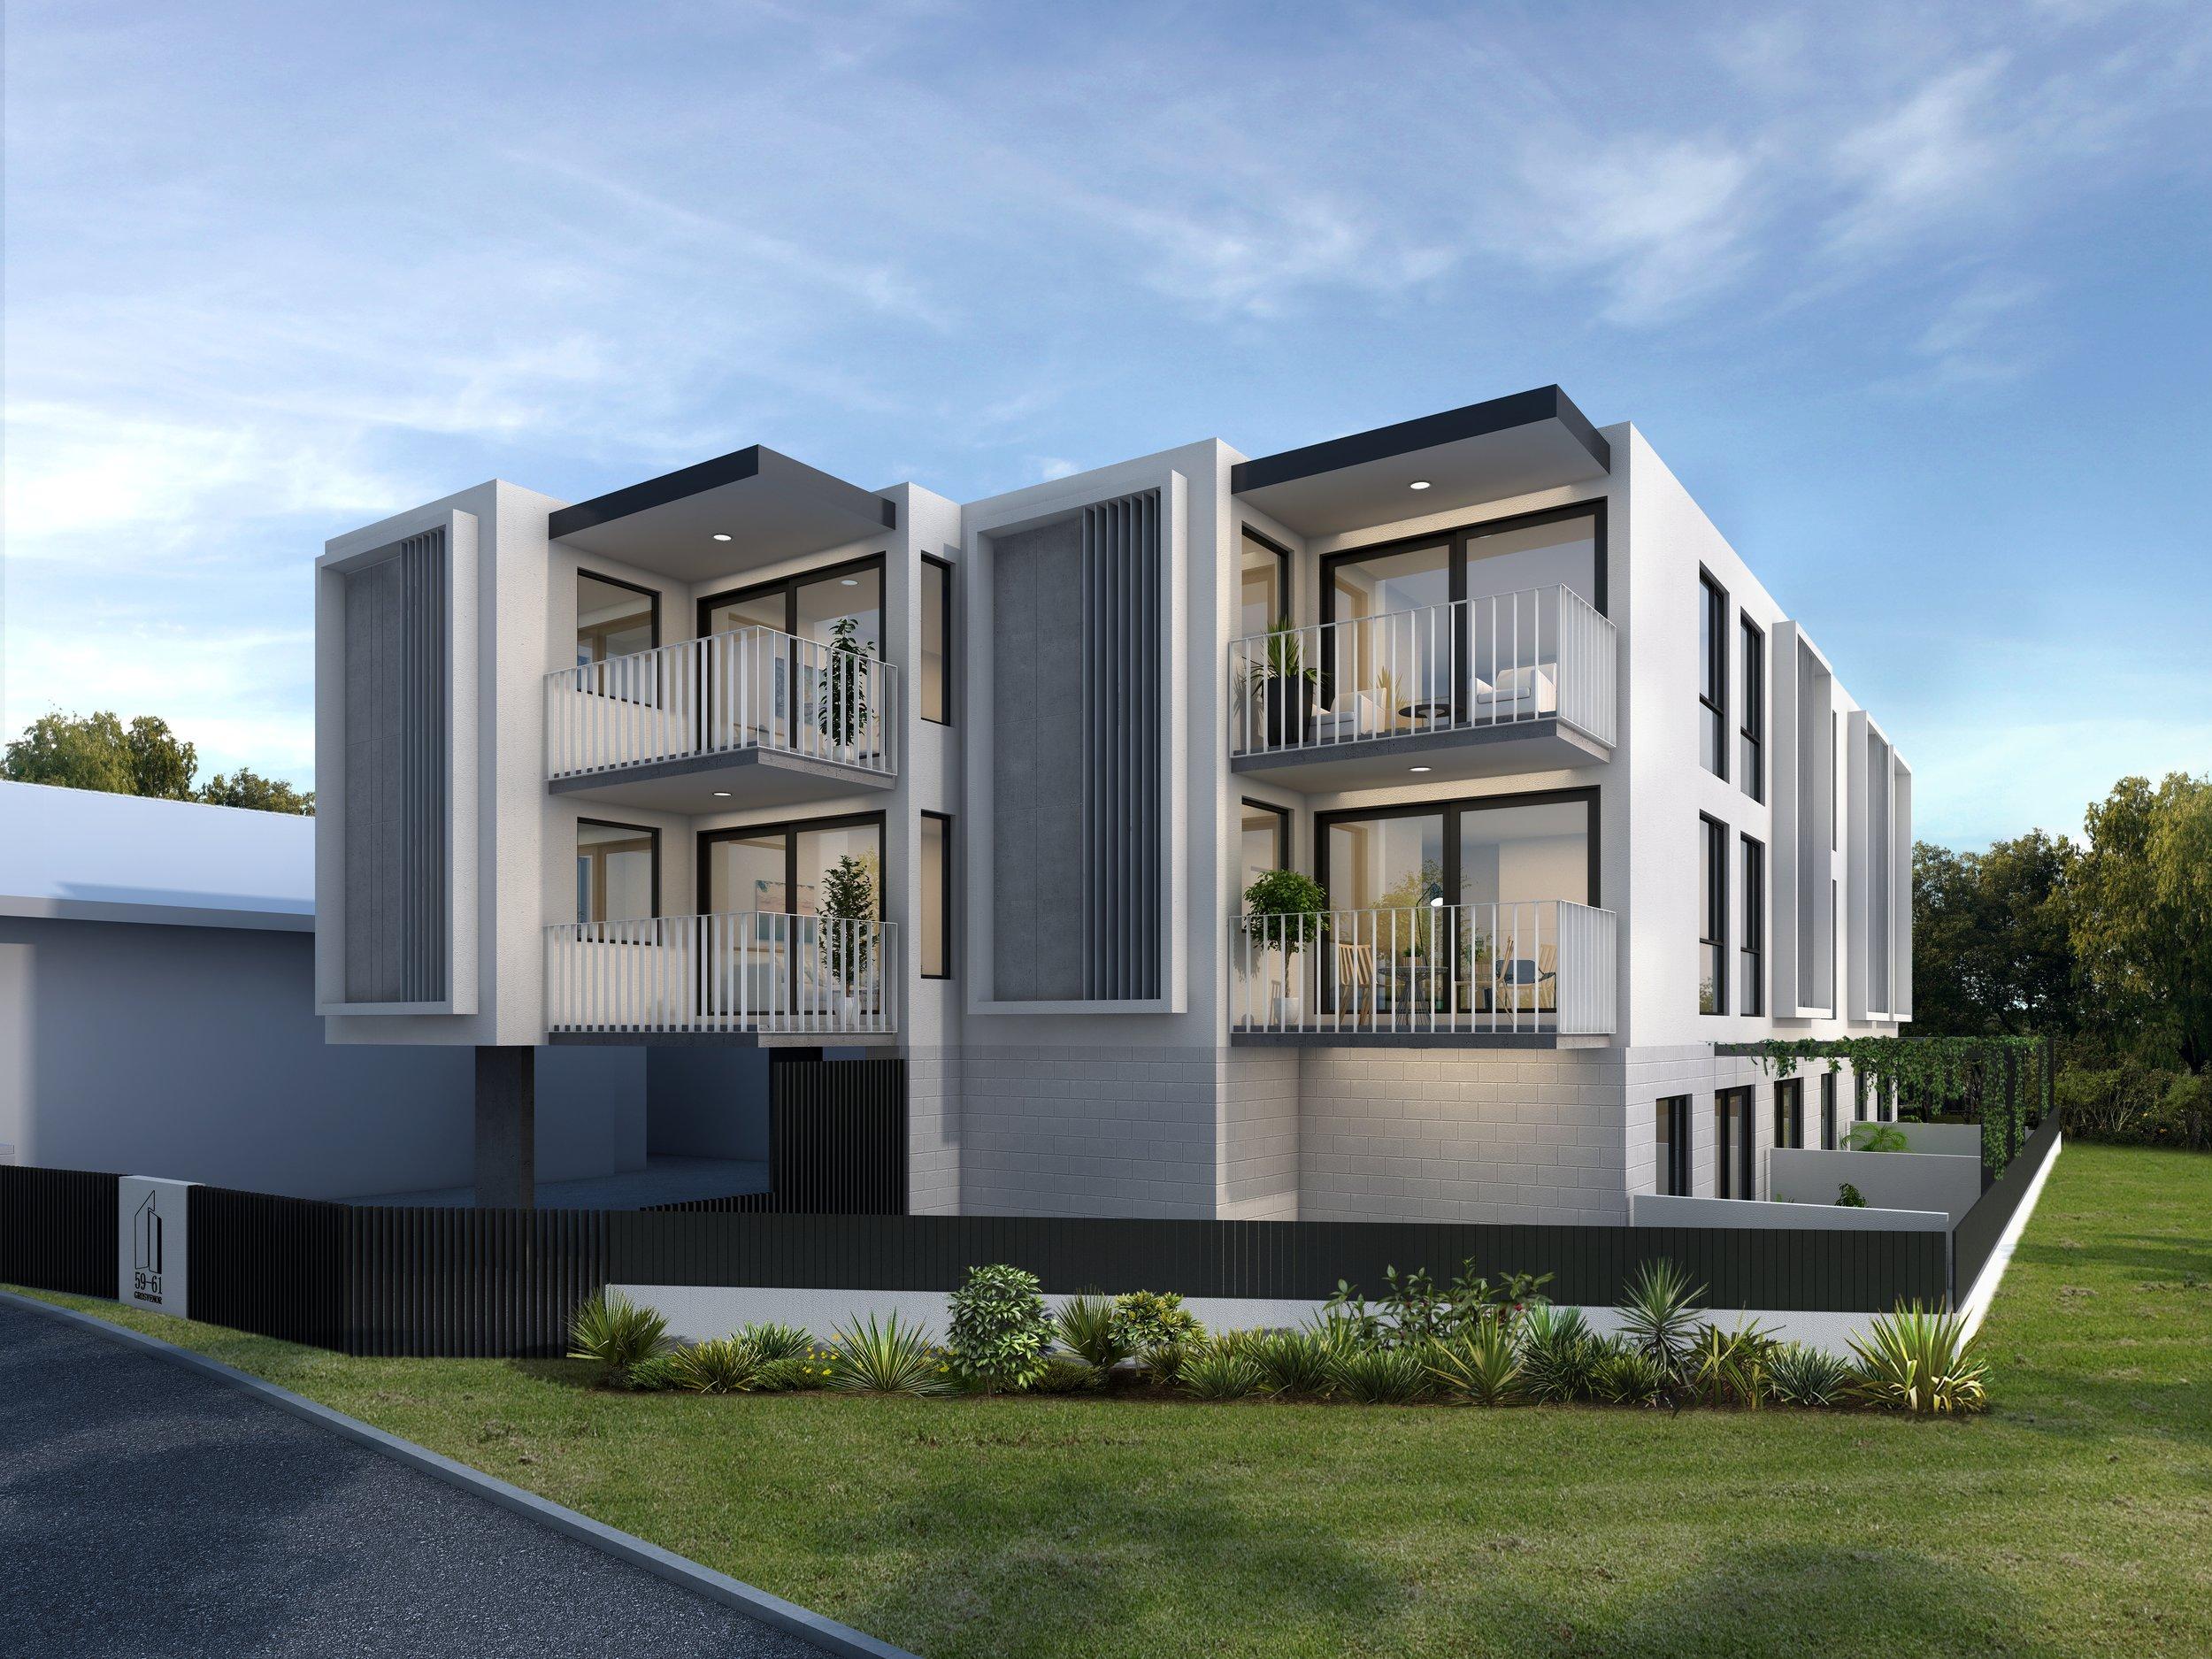 5776 59 61 Grosvenor Street, Hobart S15581 c1 0301 FI.jpg